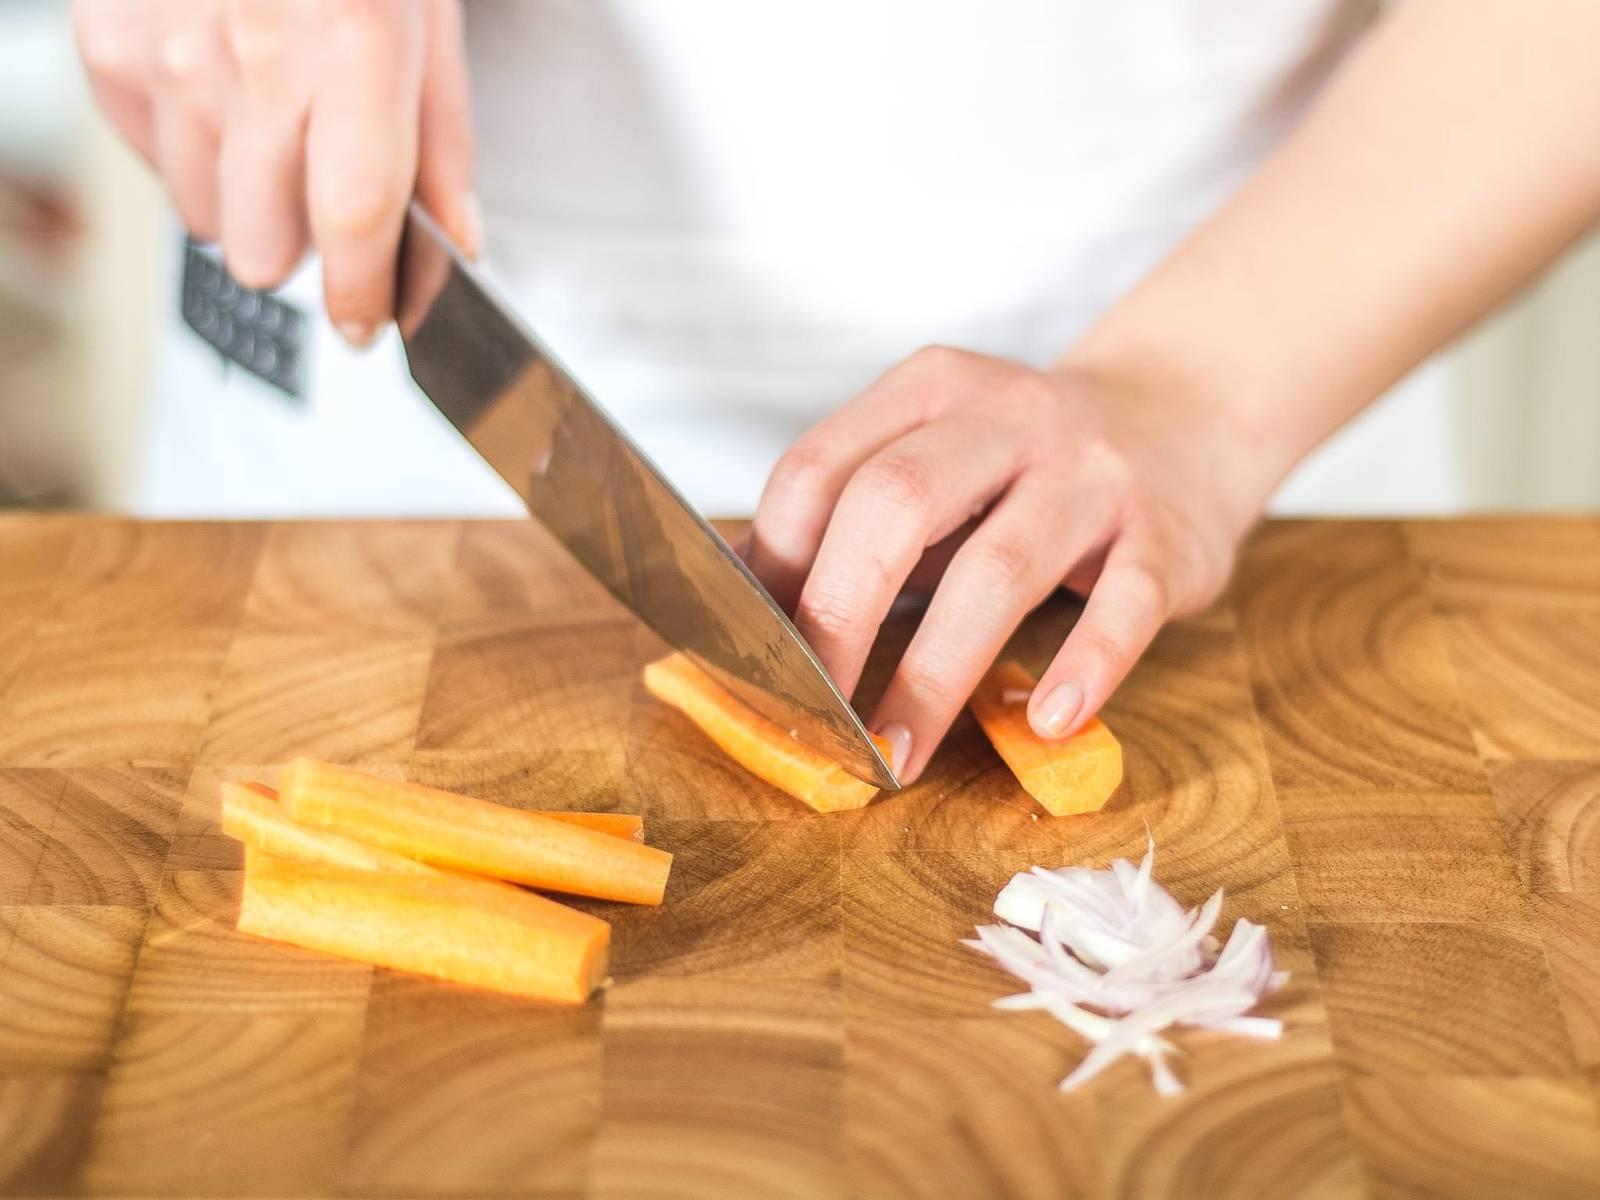 将洋葱切成细条,胡萝卜去皮切条。